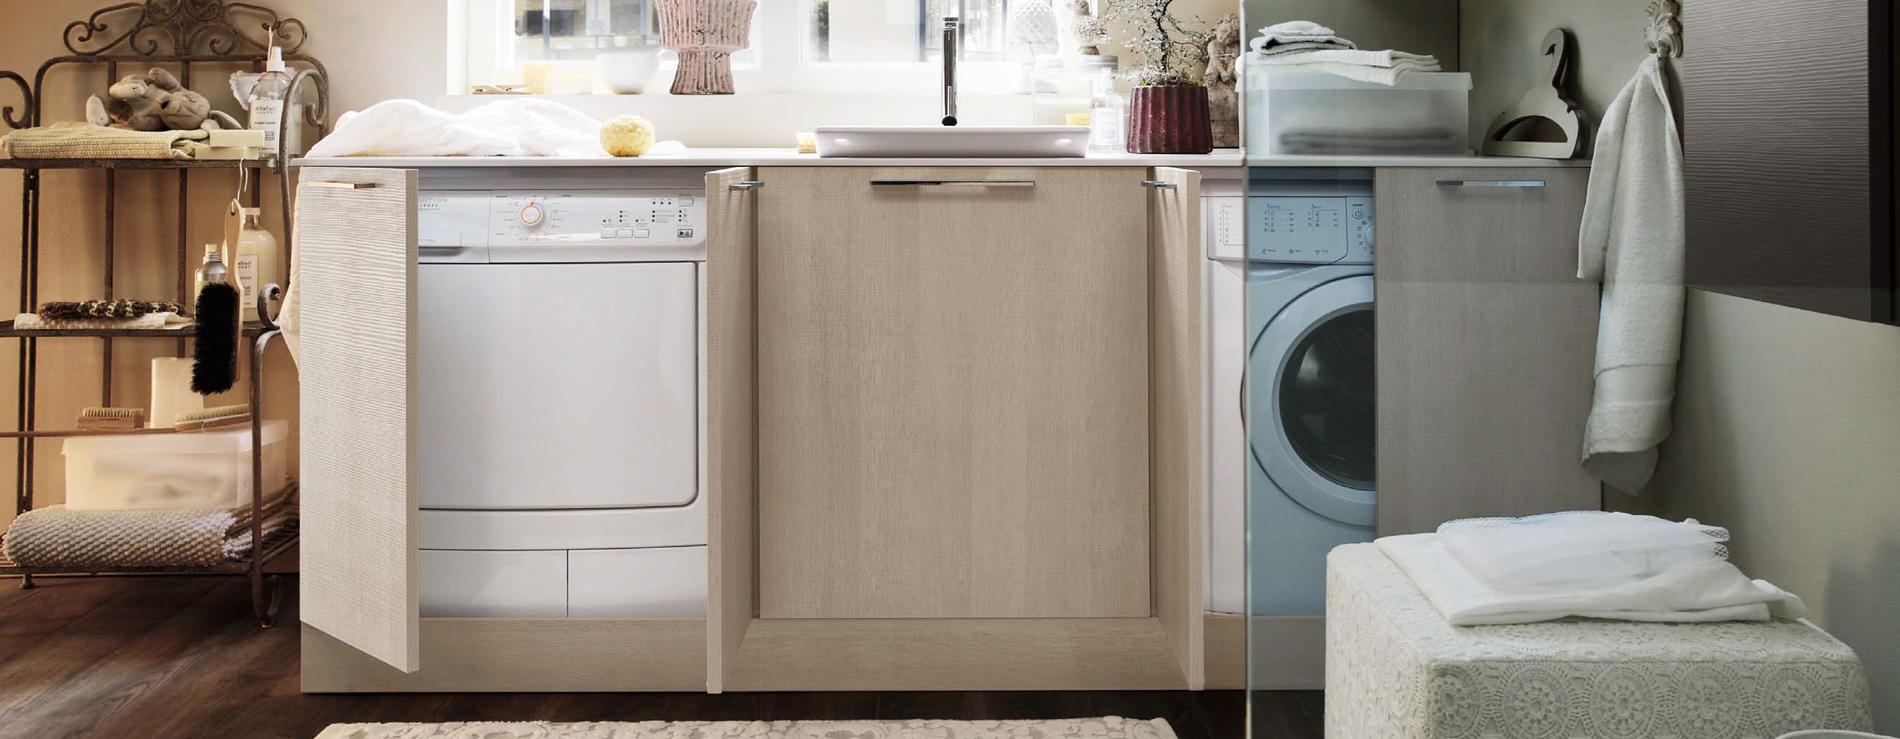 Mobili bianchi per lavanderia design casa creativa e - Arredo per lavanderia di casa ...